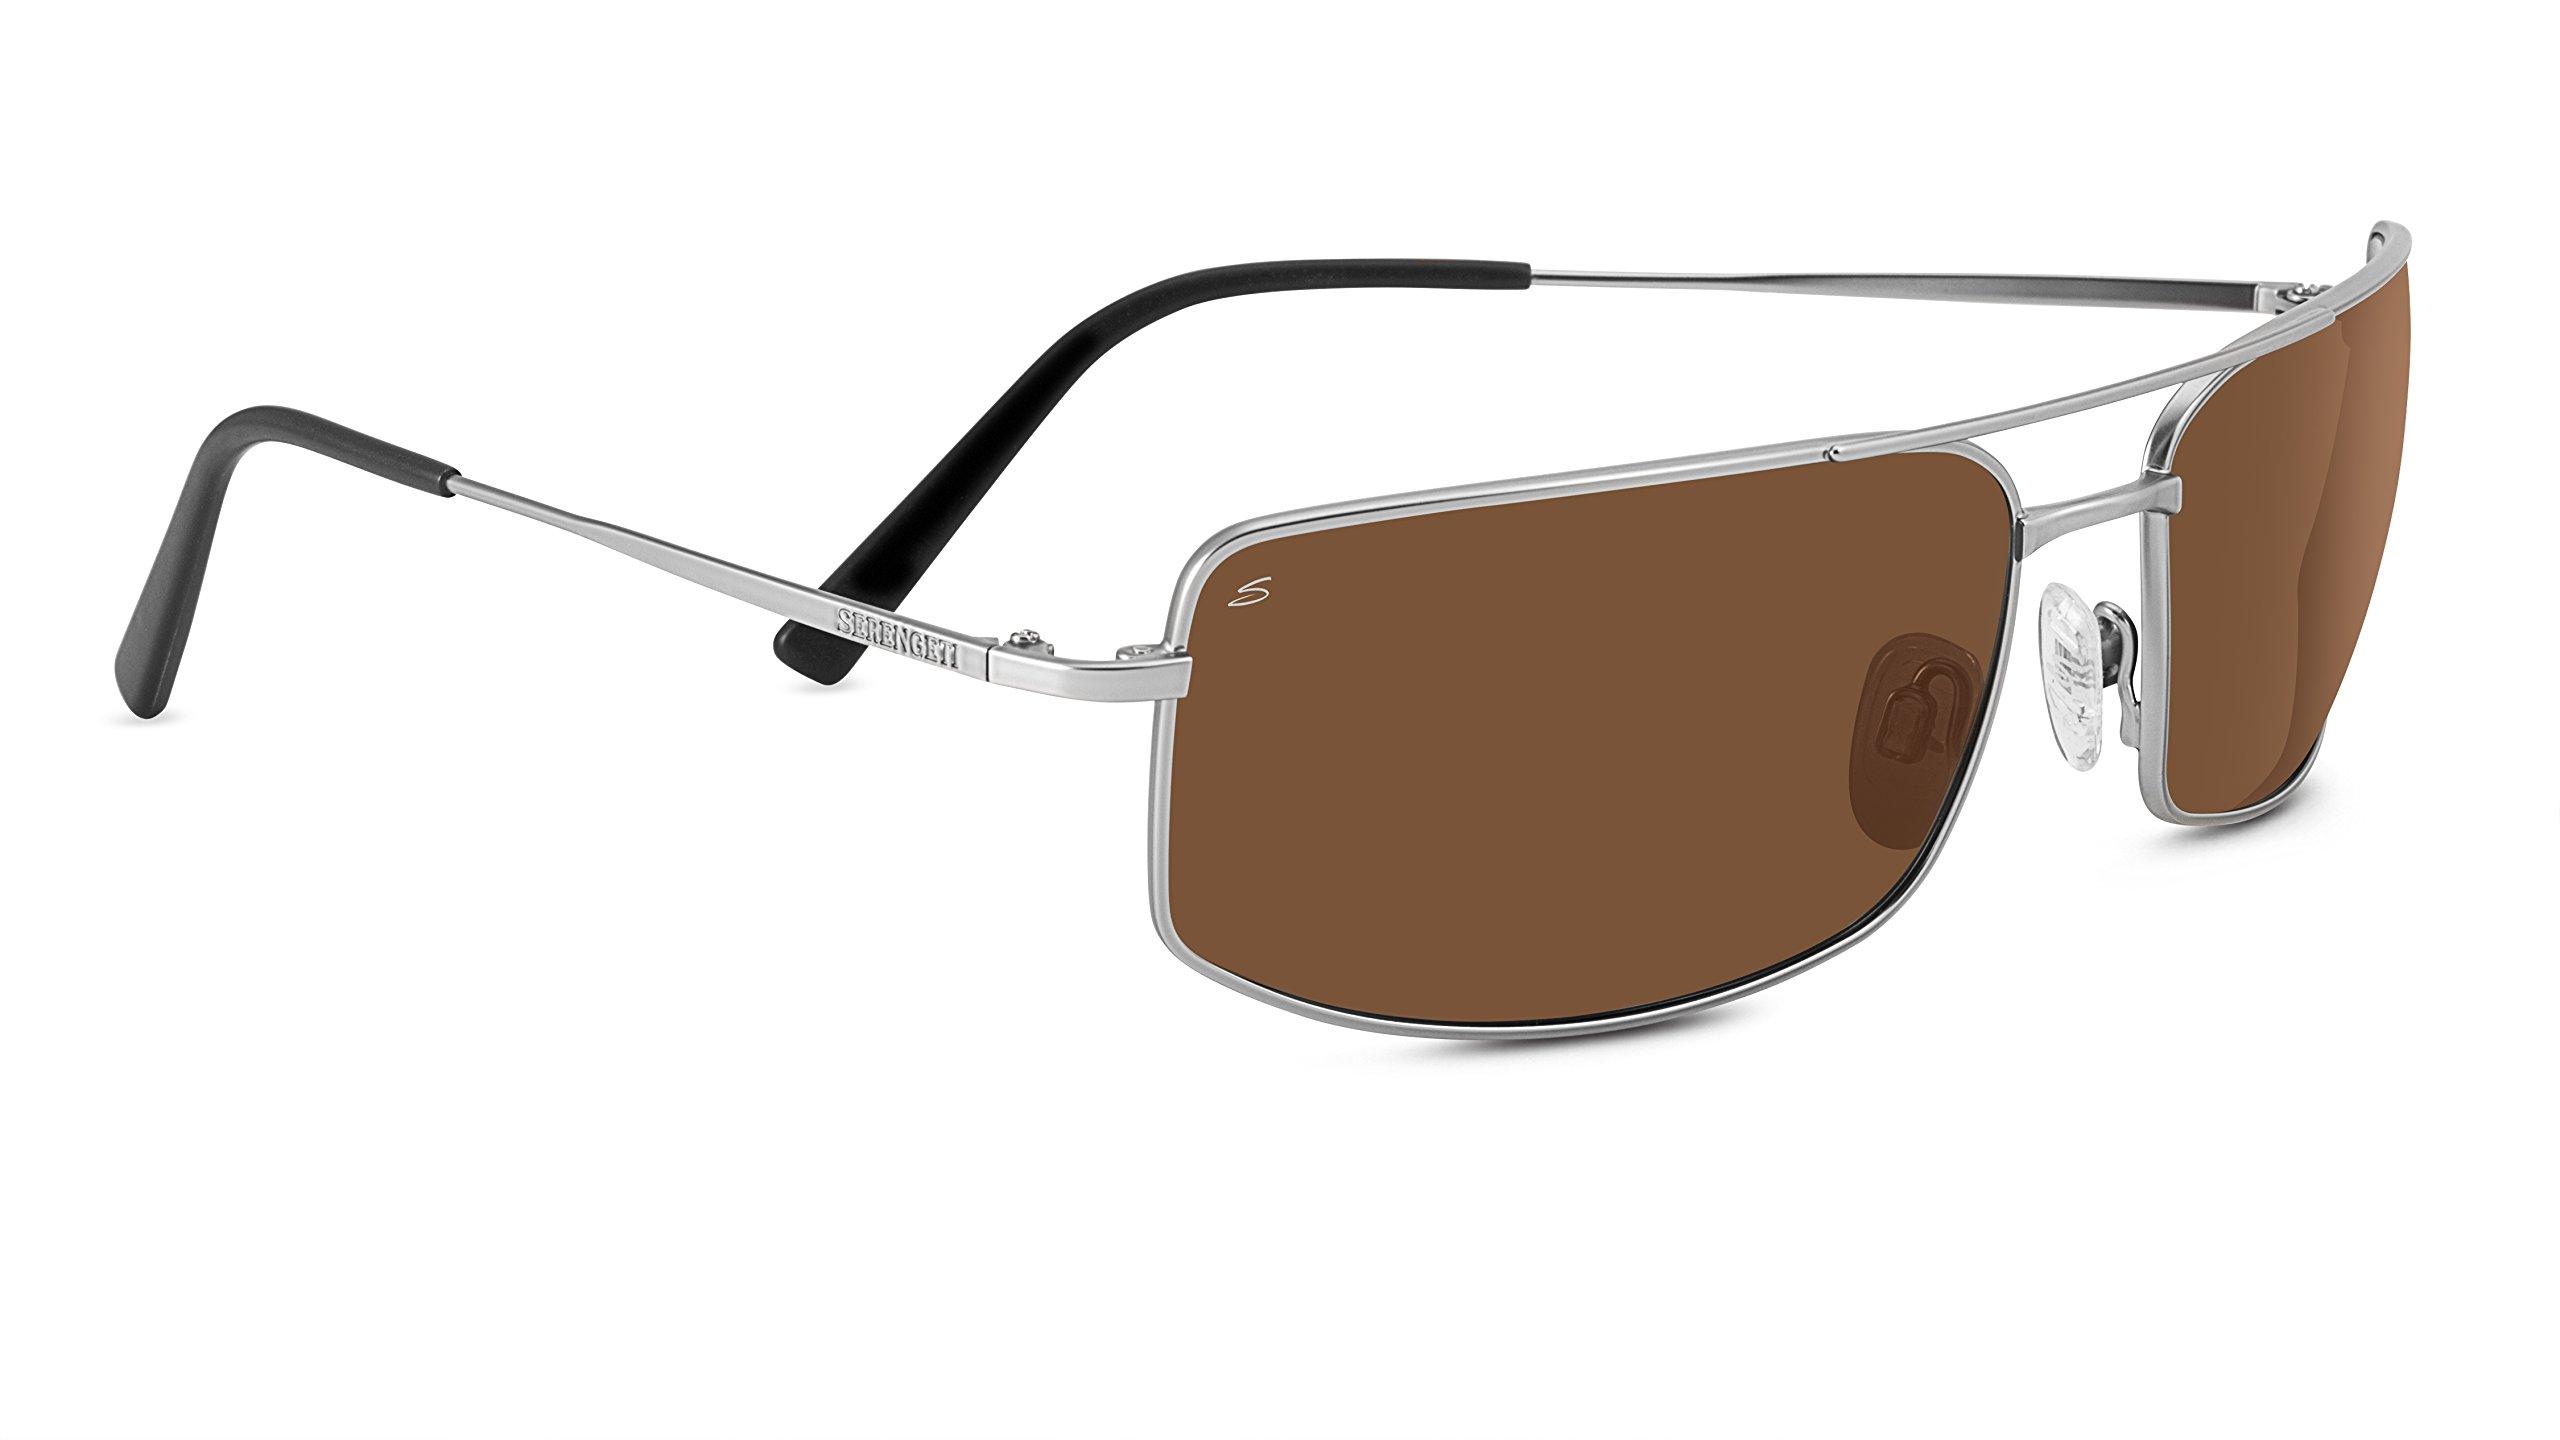 Serengeti 8438 Treviso Drivers Sunglasses, Satin Titanium by Serengeti